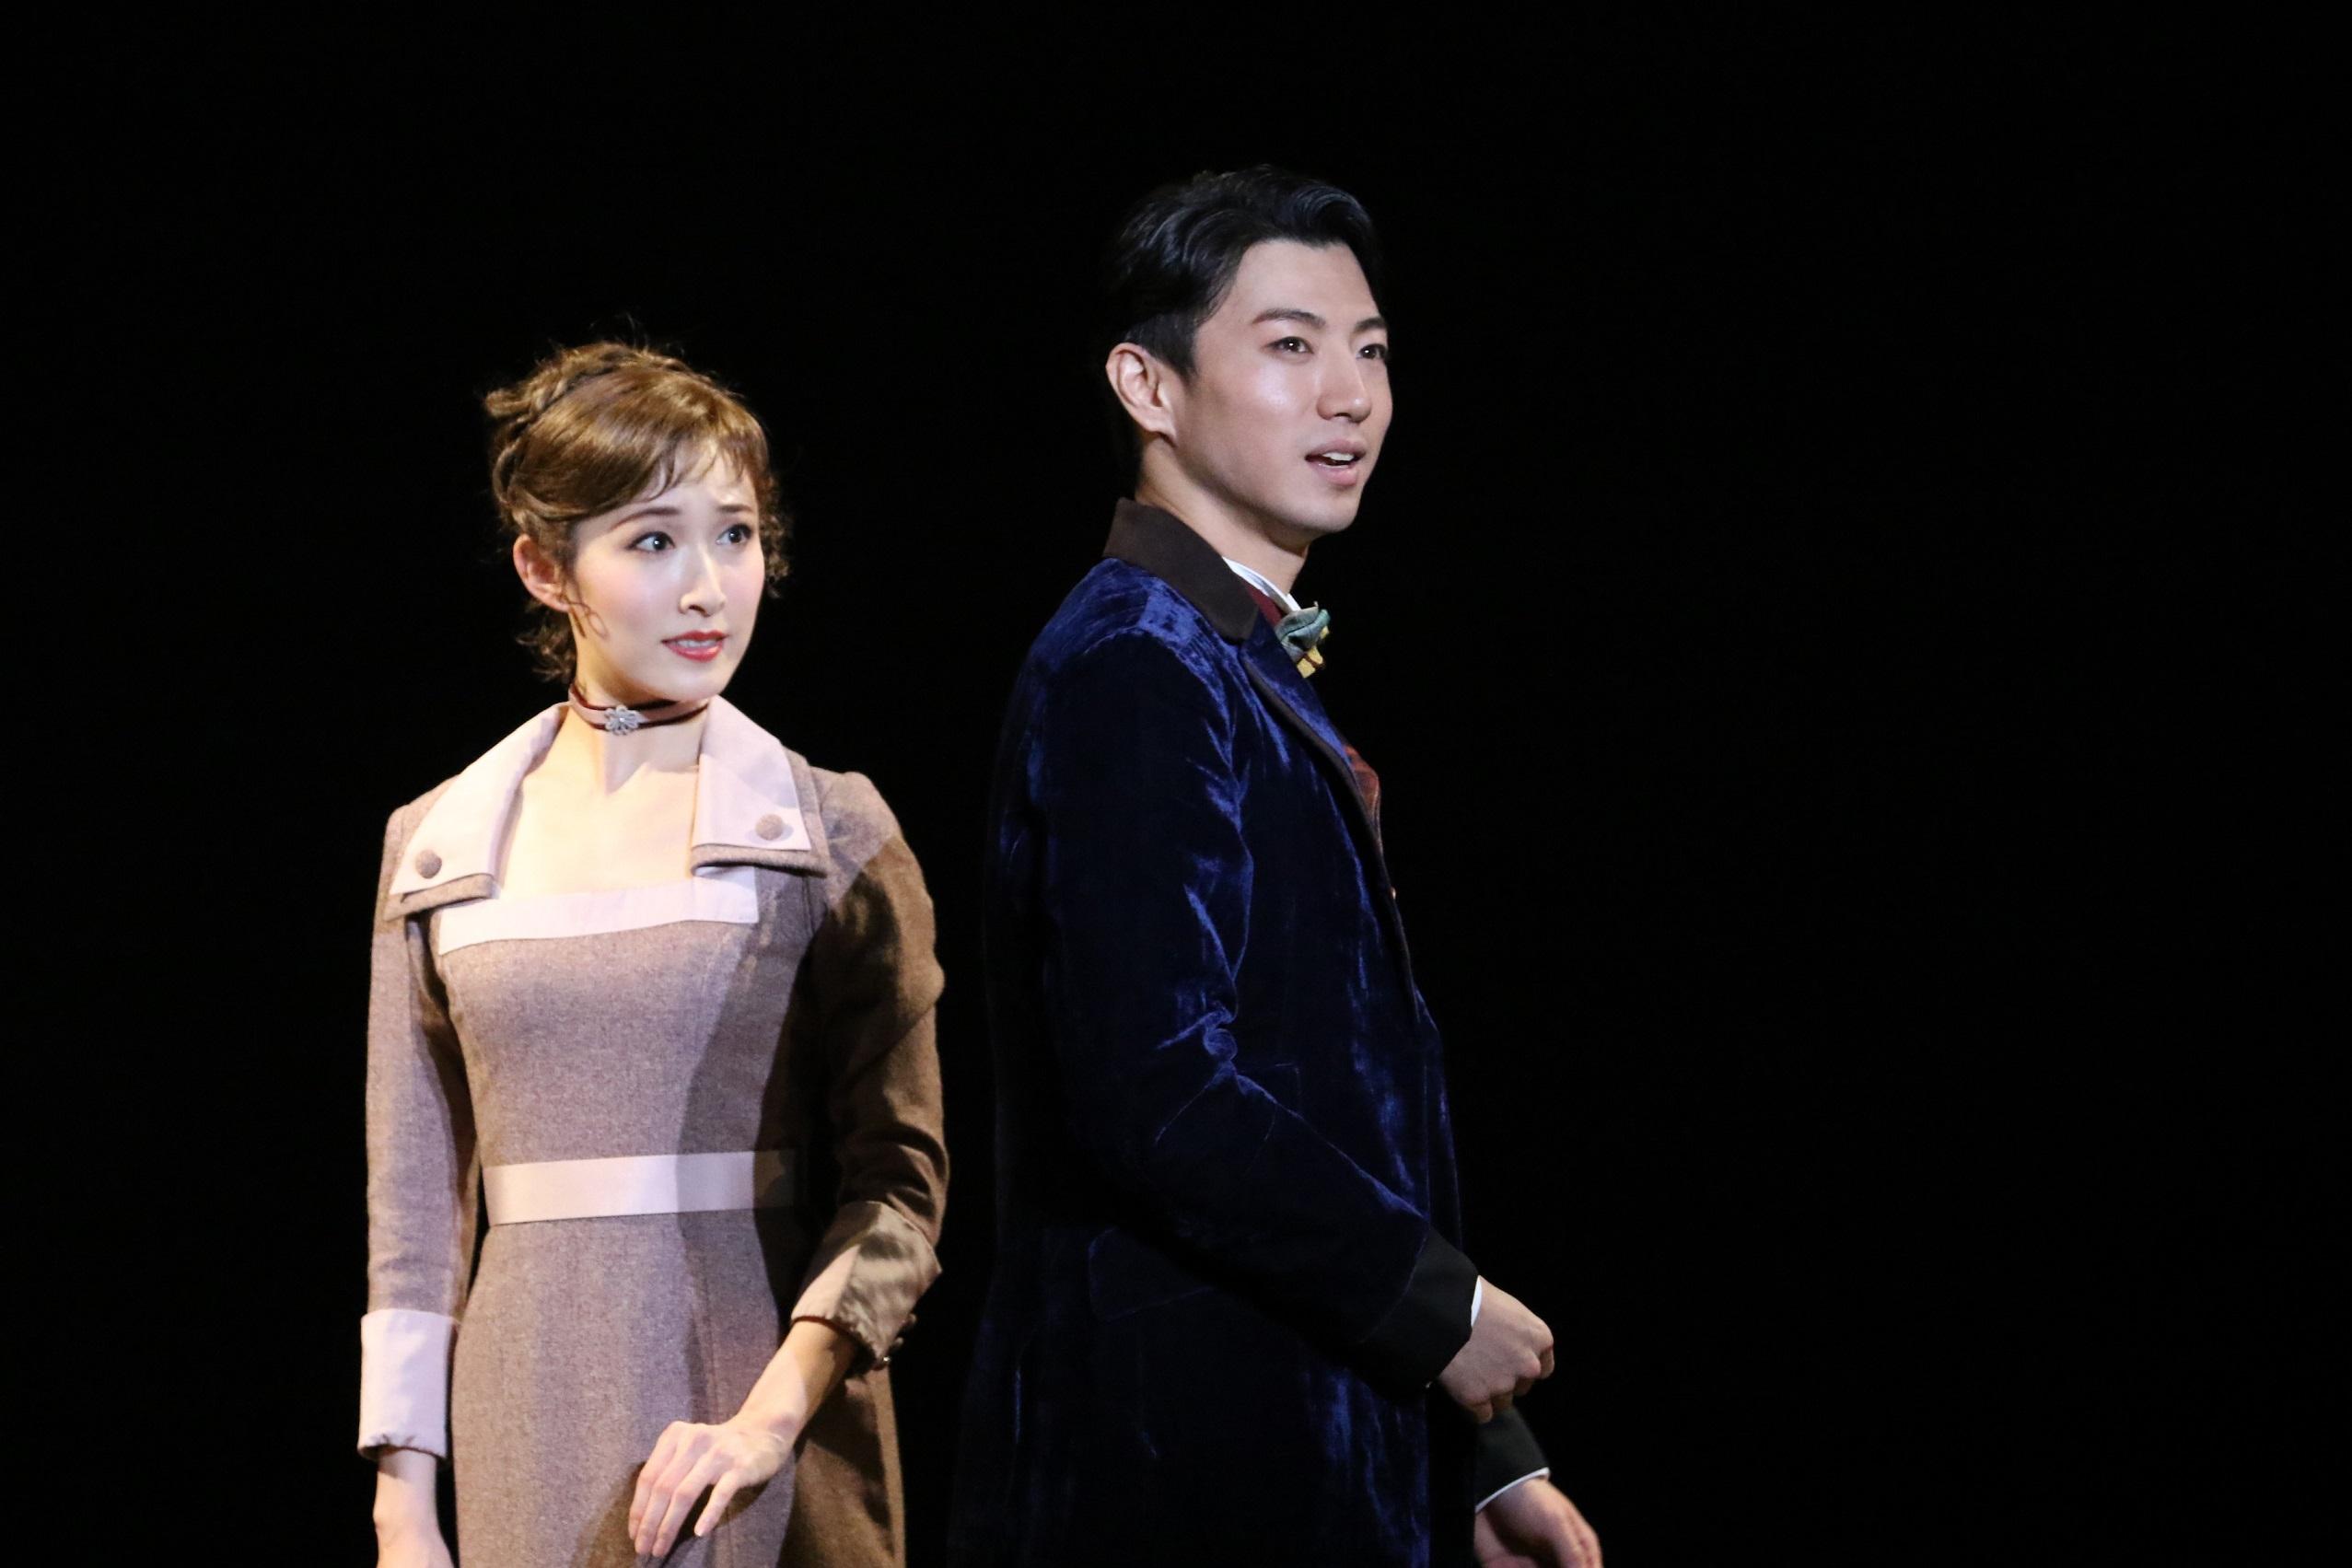 音楽劇『ライムライト』より、実咲凜音(左)と矢崎広 写真提供:東宝演劇部